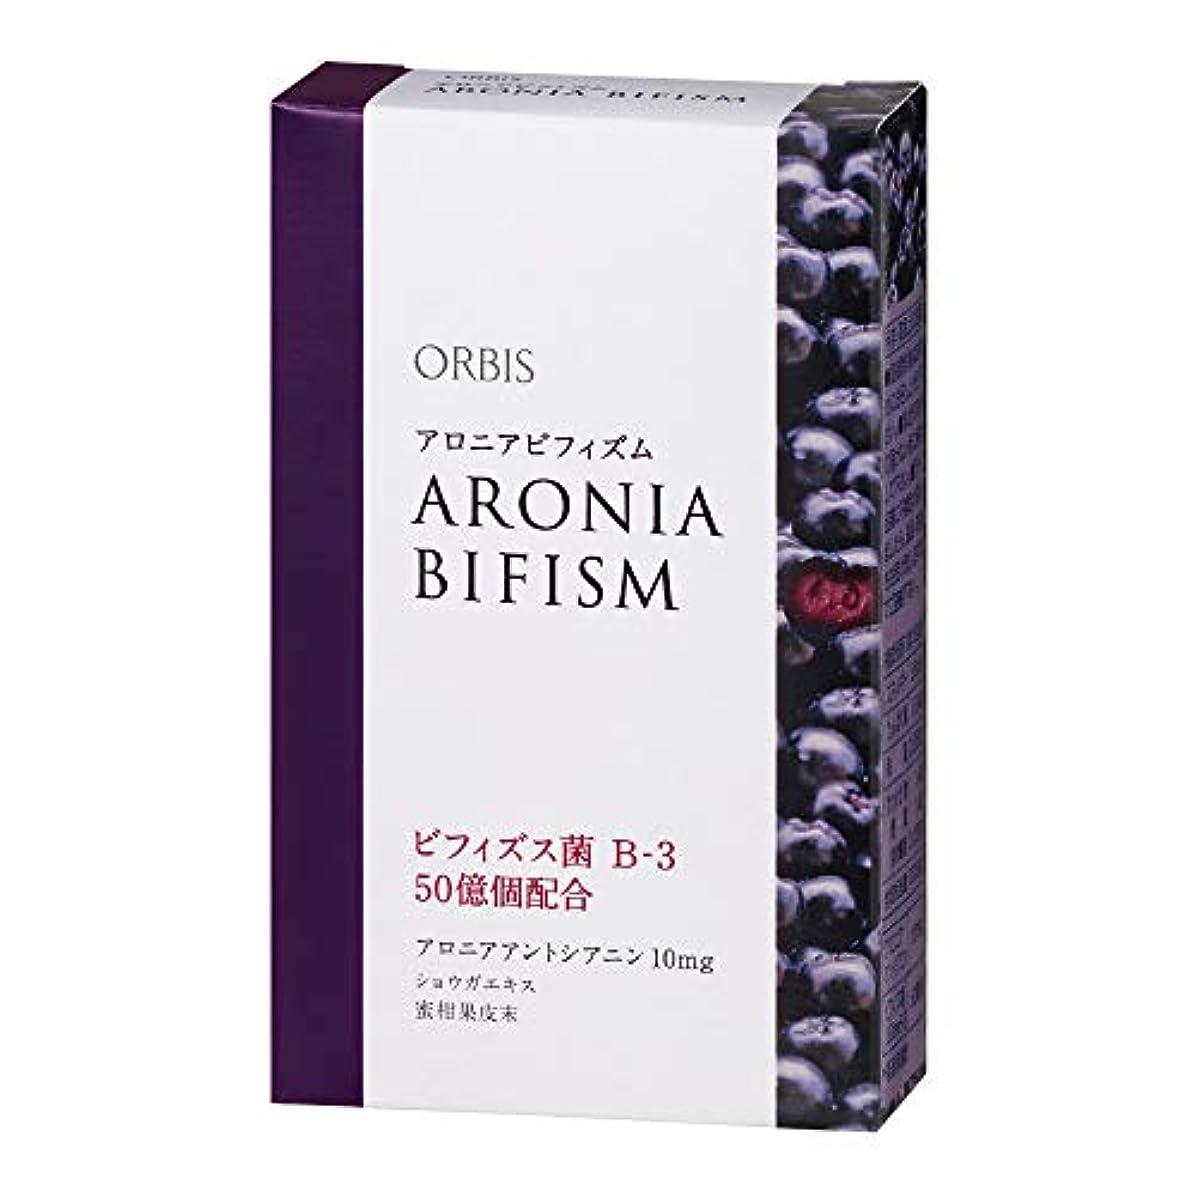 格納それに応じて差別化するオルビス(ORBIS) アロニアビフィズム(ミックスベリー風味) 15日分(1.5g×15袋) ◎美容サプリメント◎